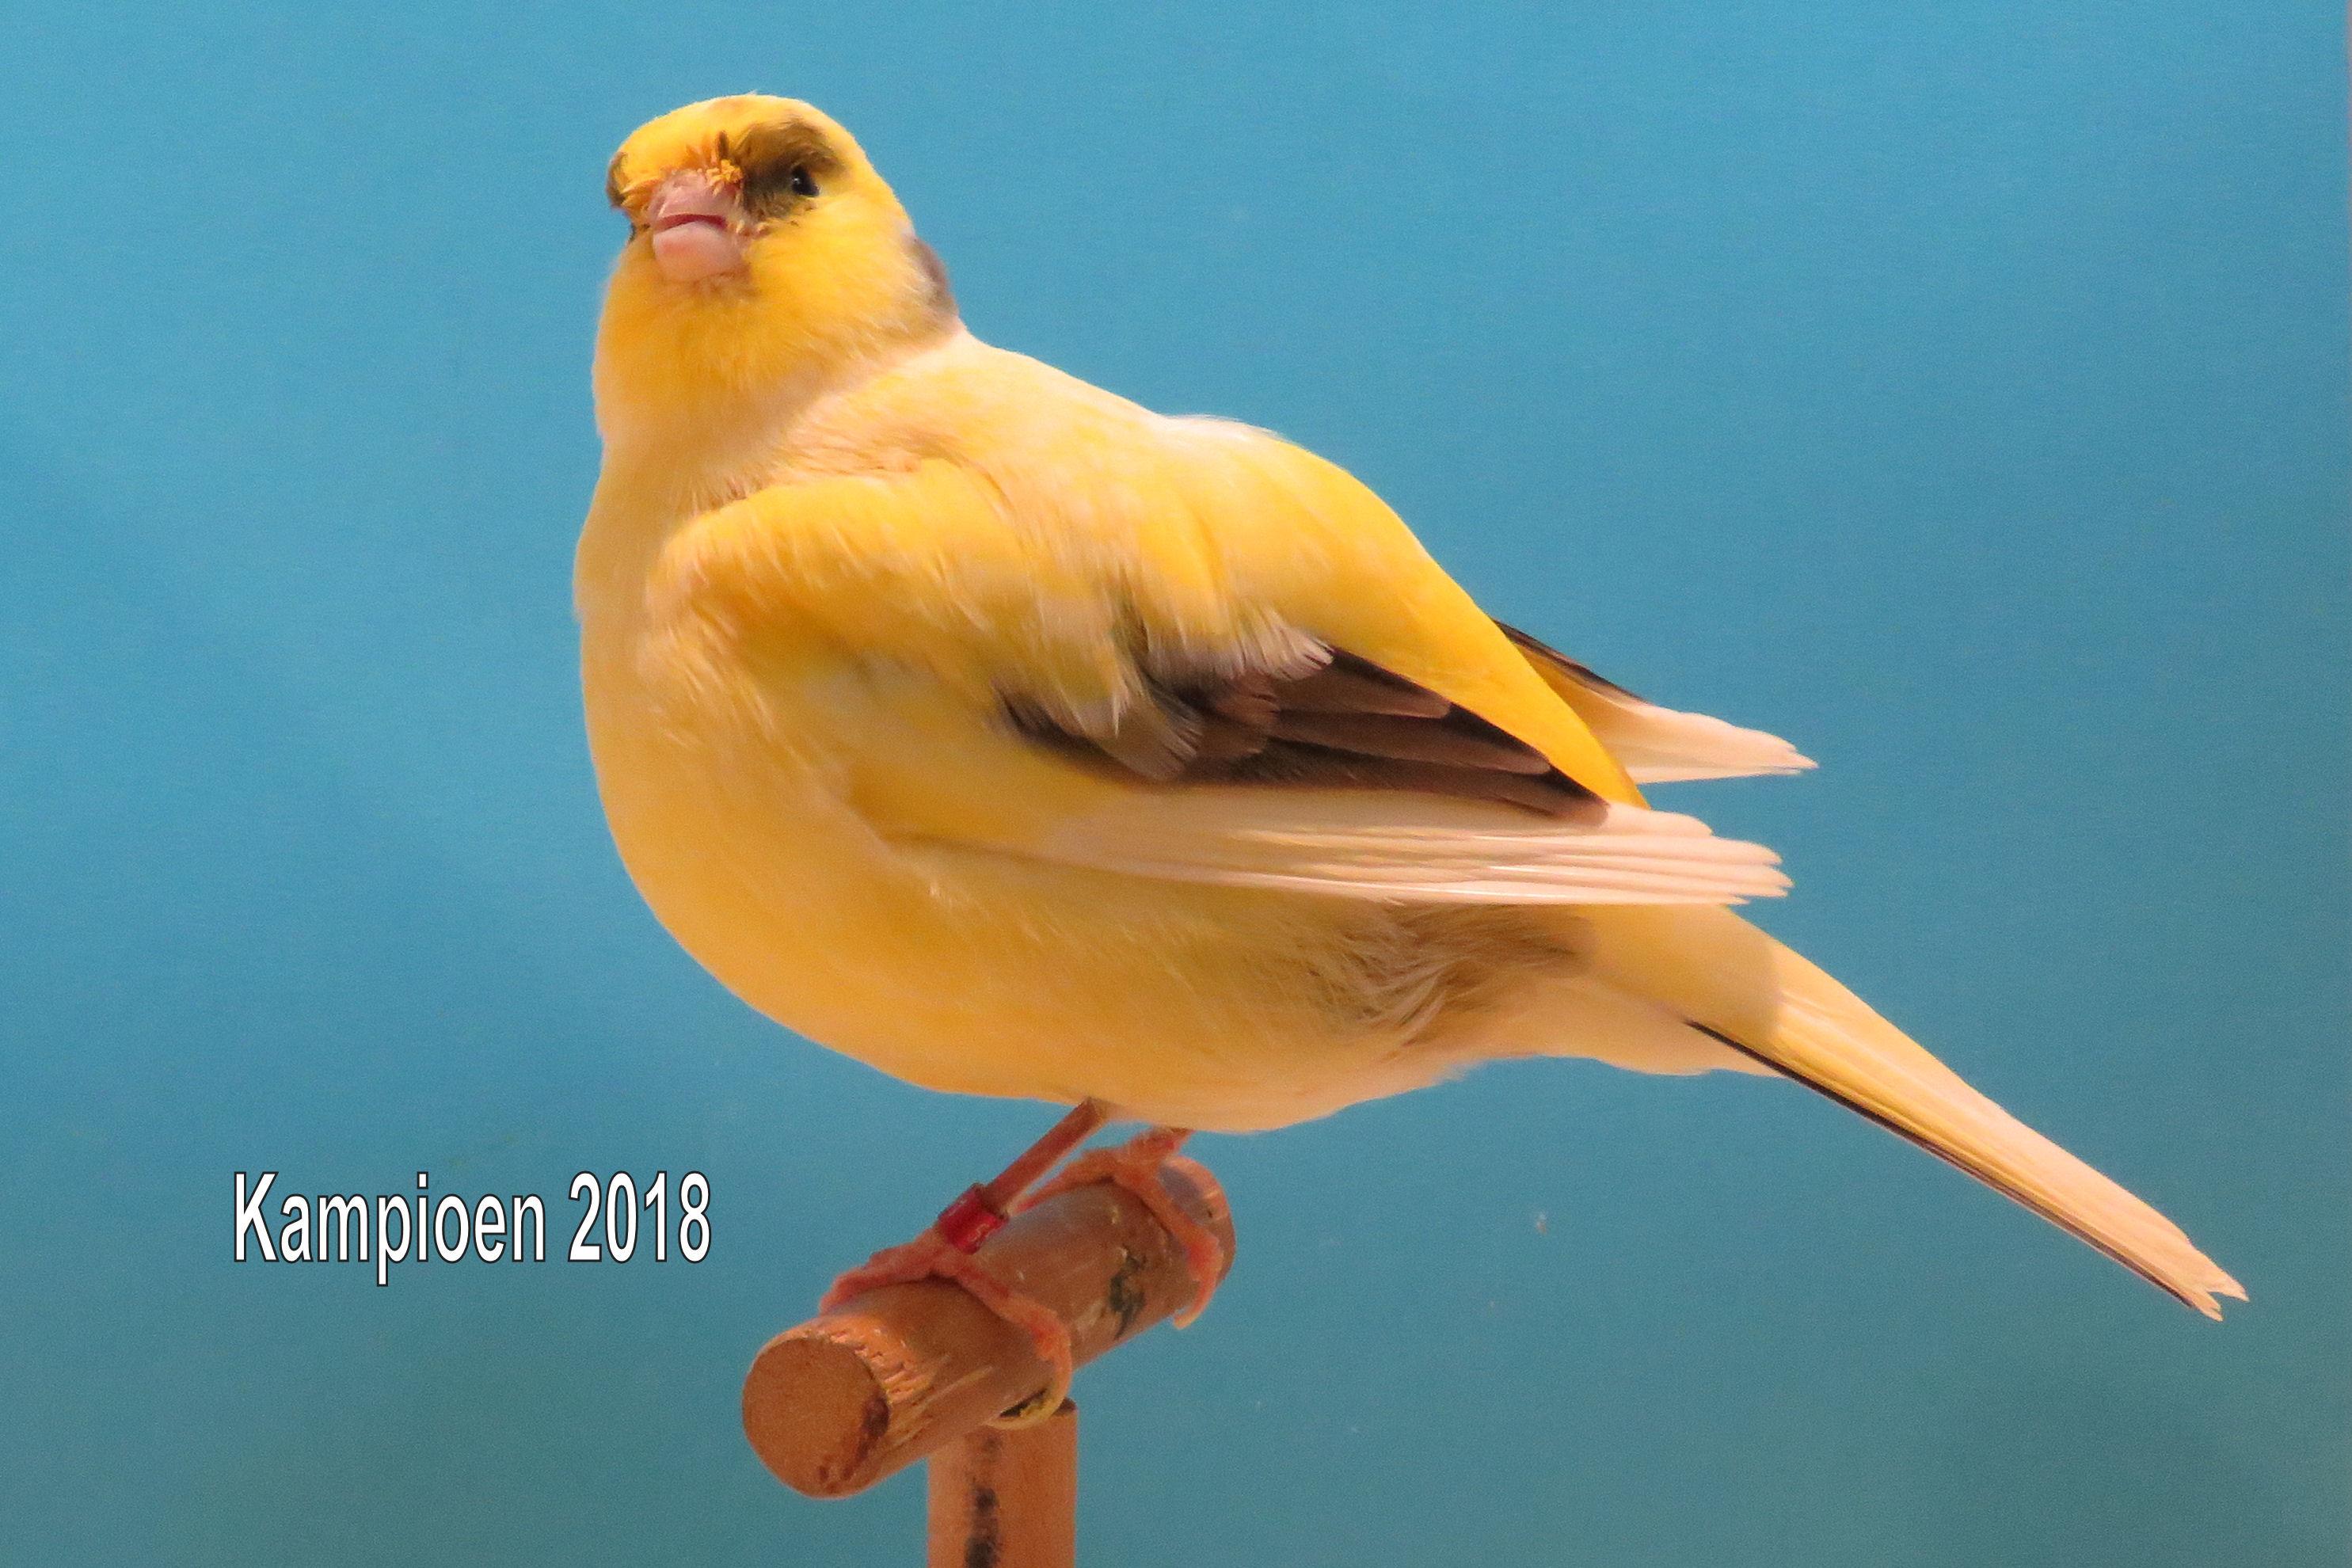 VogelvreugdKampioen2018 border